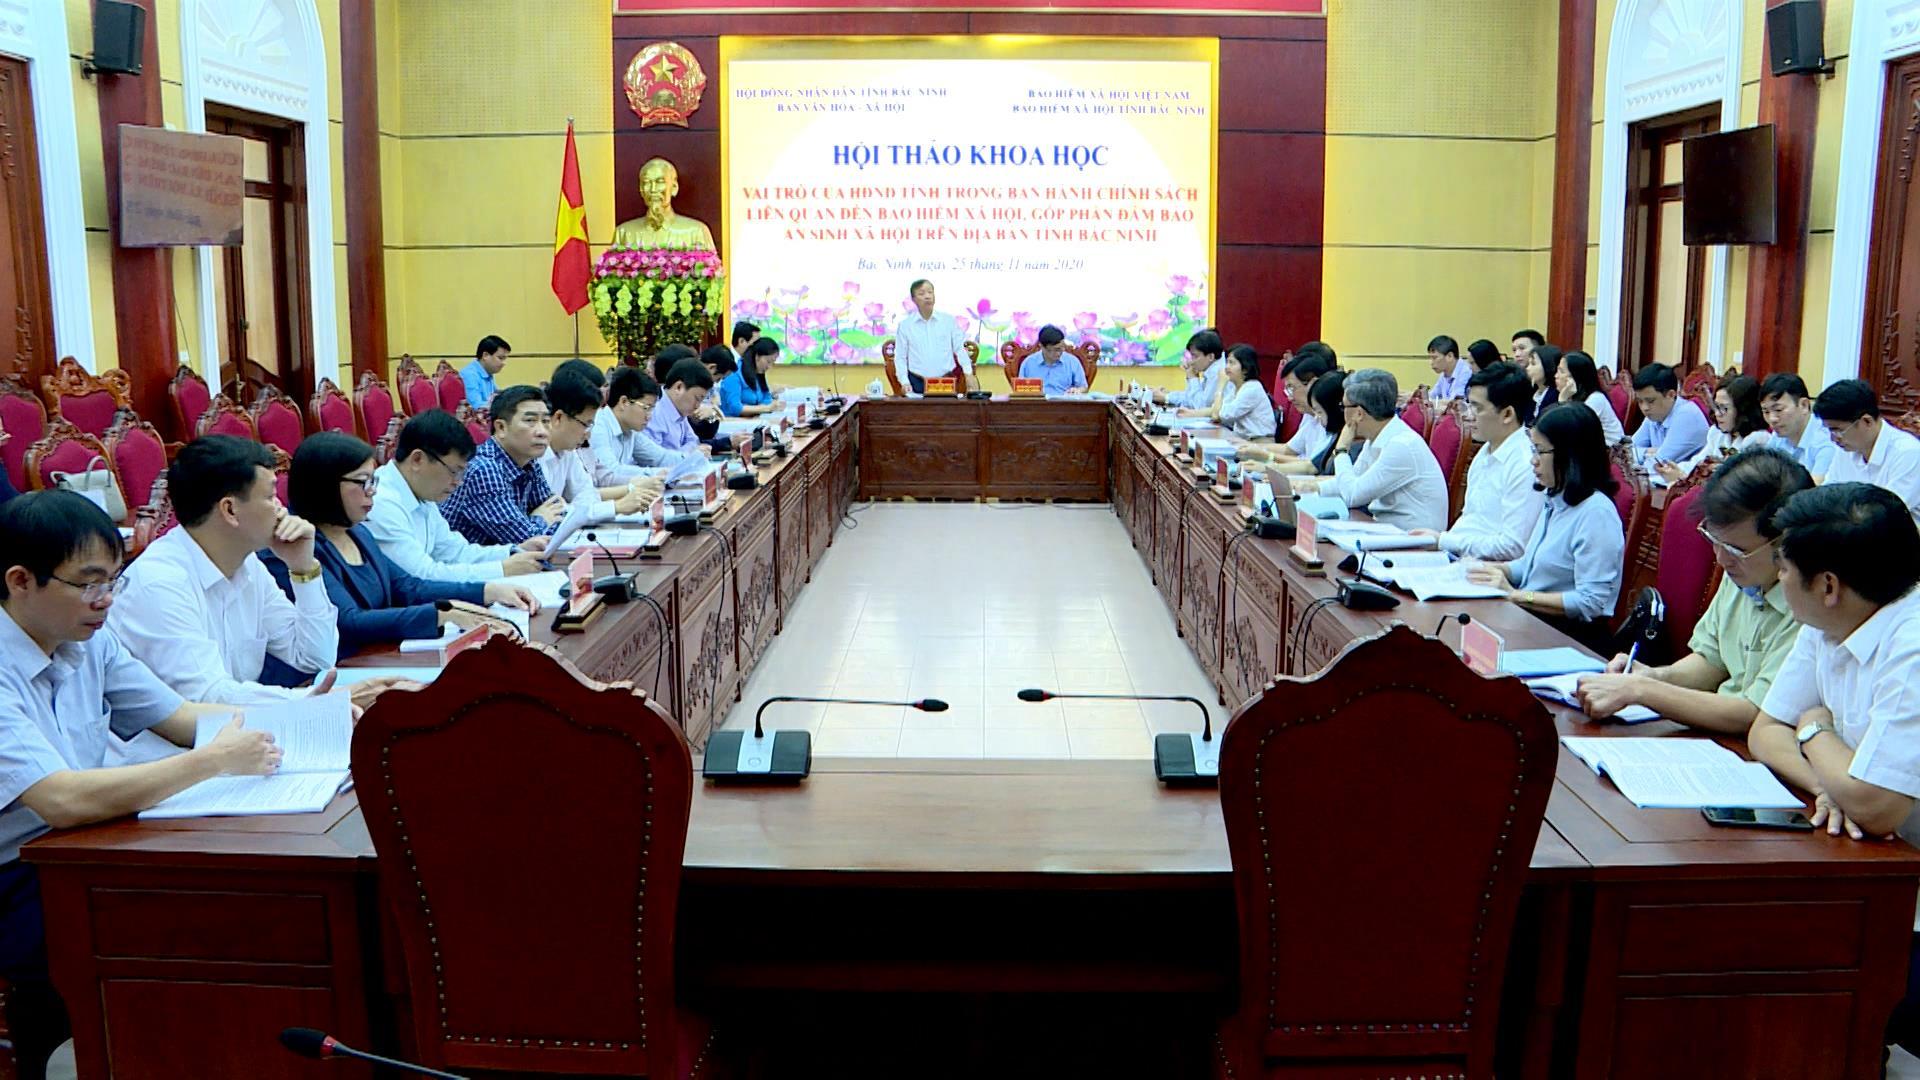 Hội thảo Khoa học vai trò của Hội đồng nhân dân tỉnh trong ban hành các chính sách liên quan đến Bảo hiểm Xã hội